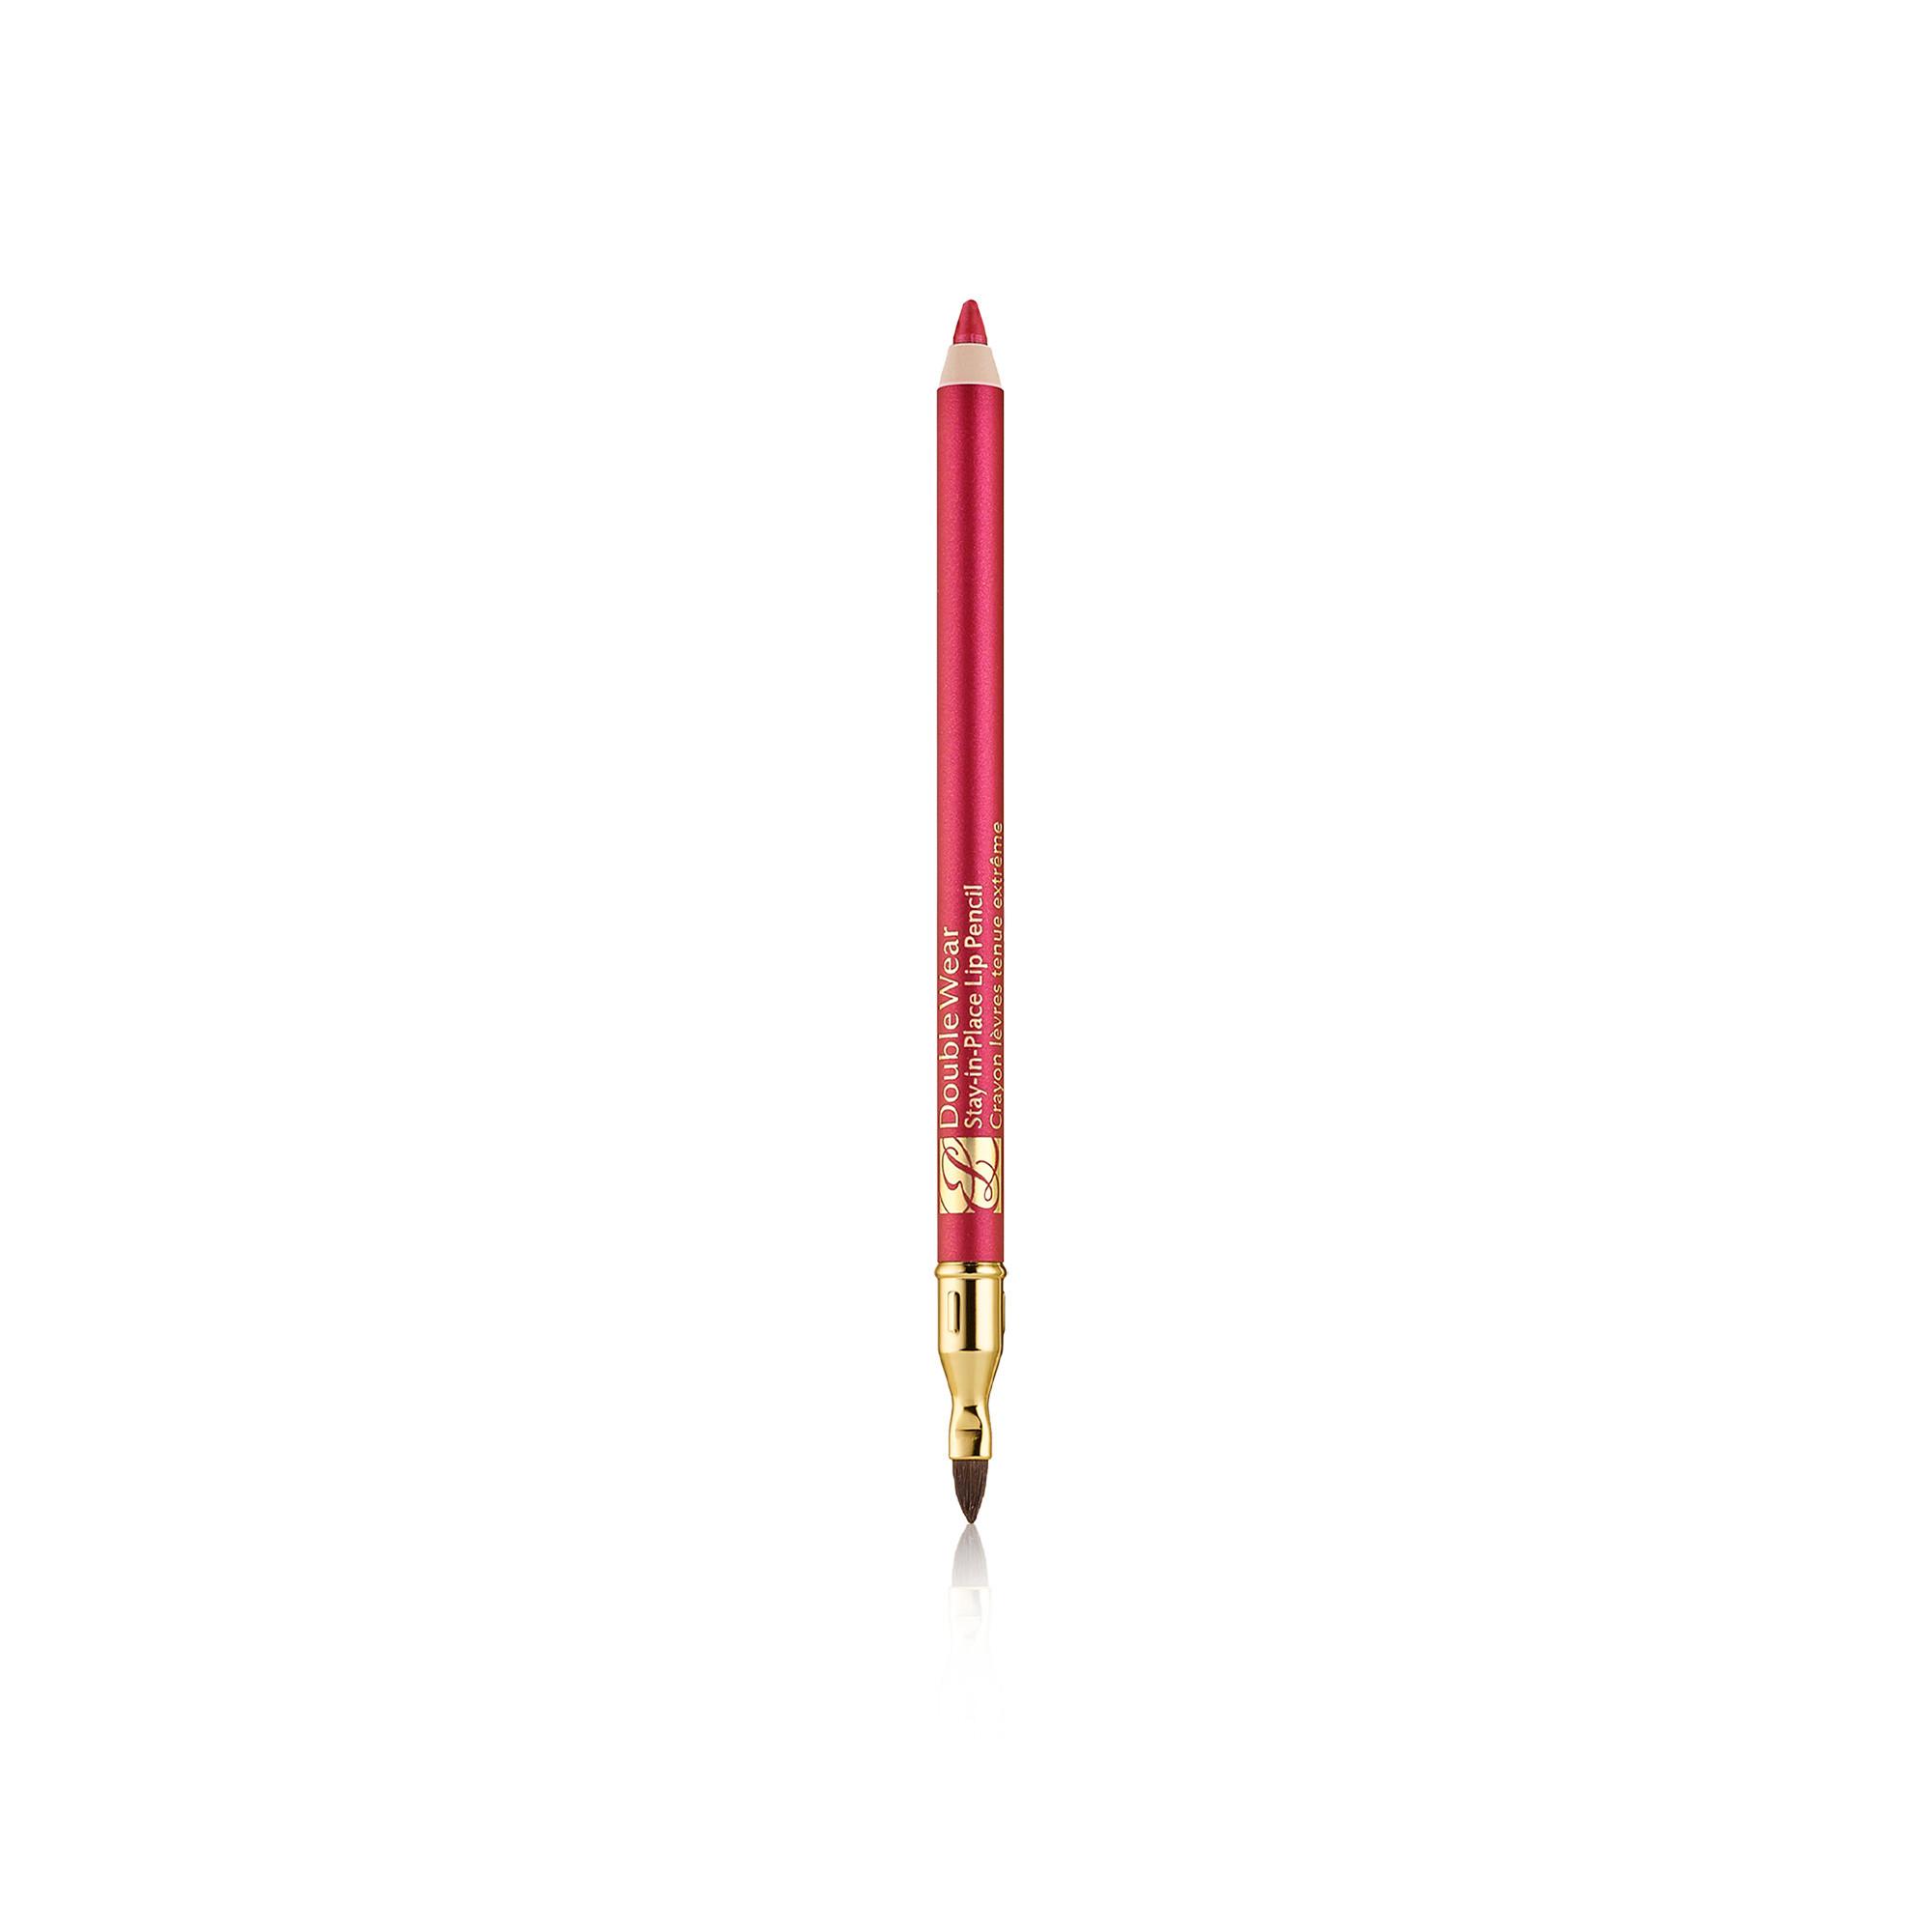 Estée Lauder double wear stay-in-place lip pencil - brick 1,2 g, BRICK, large image number 7